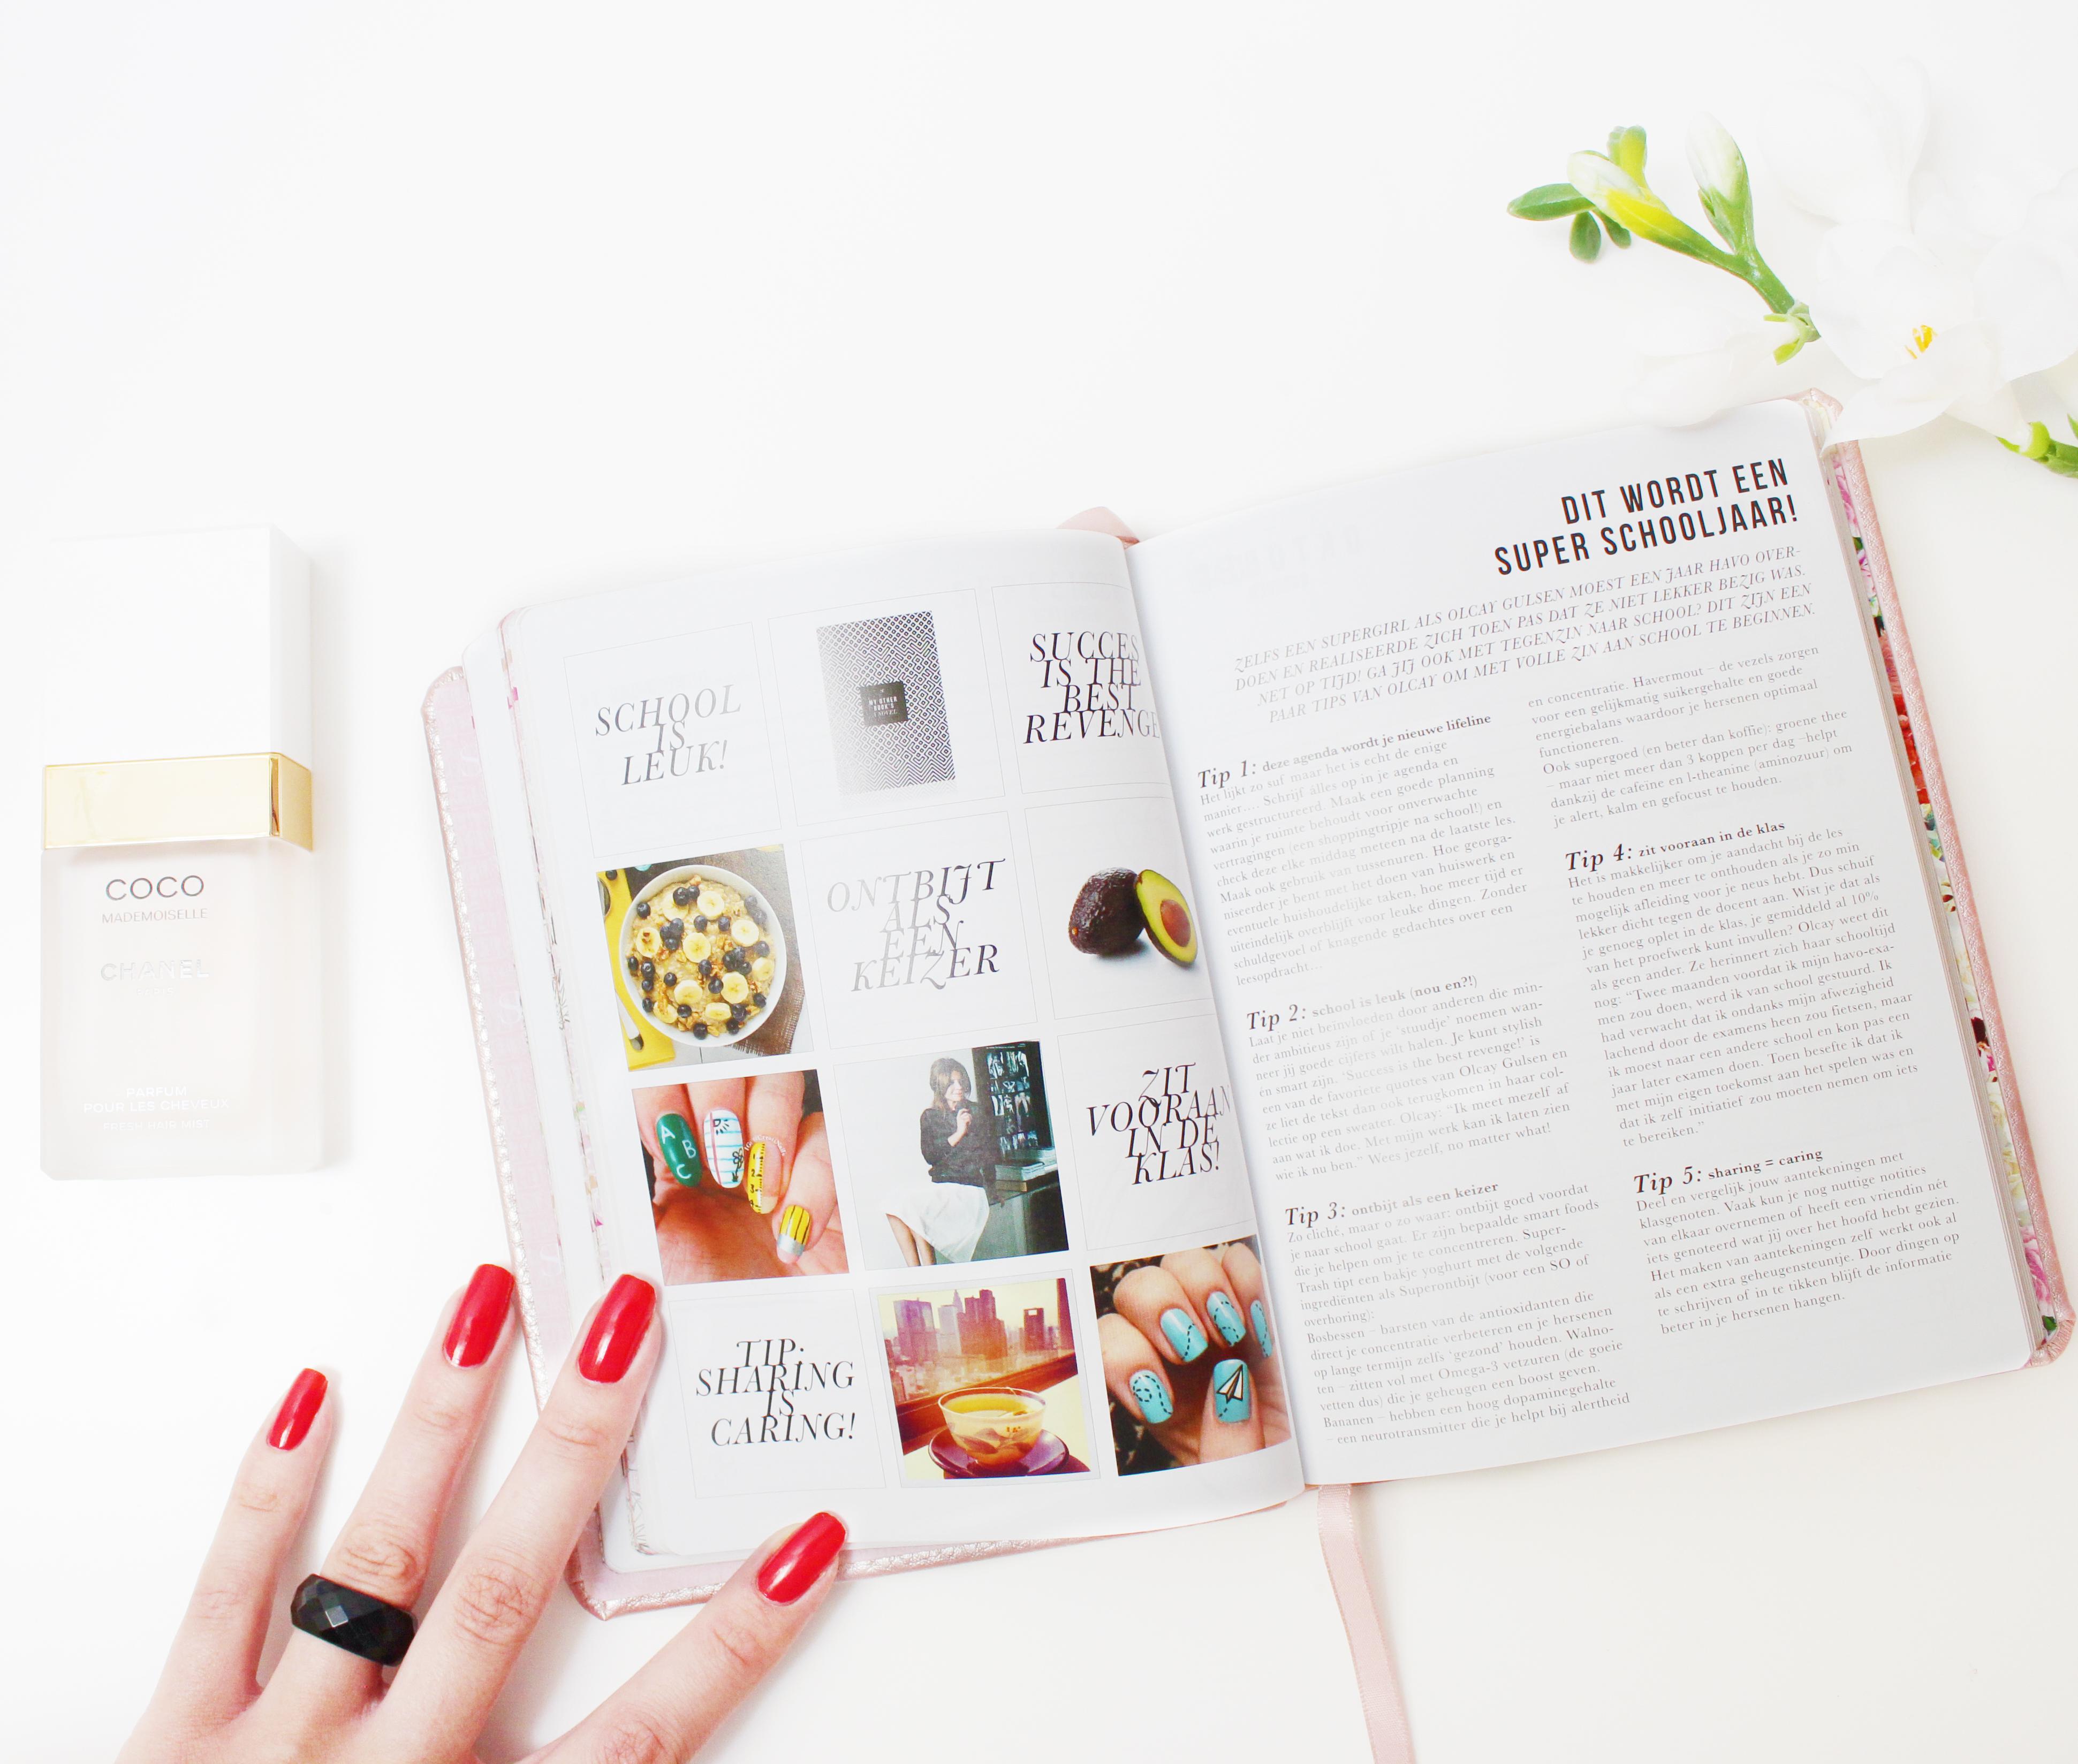 SuperTrash school agenda schoolagenda 2015-2016 ST Girls roze champagne nieuw review tip plannen lifestyle by linda